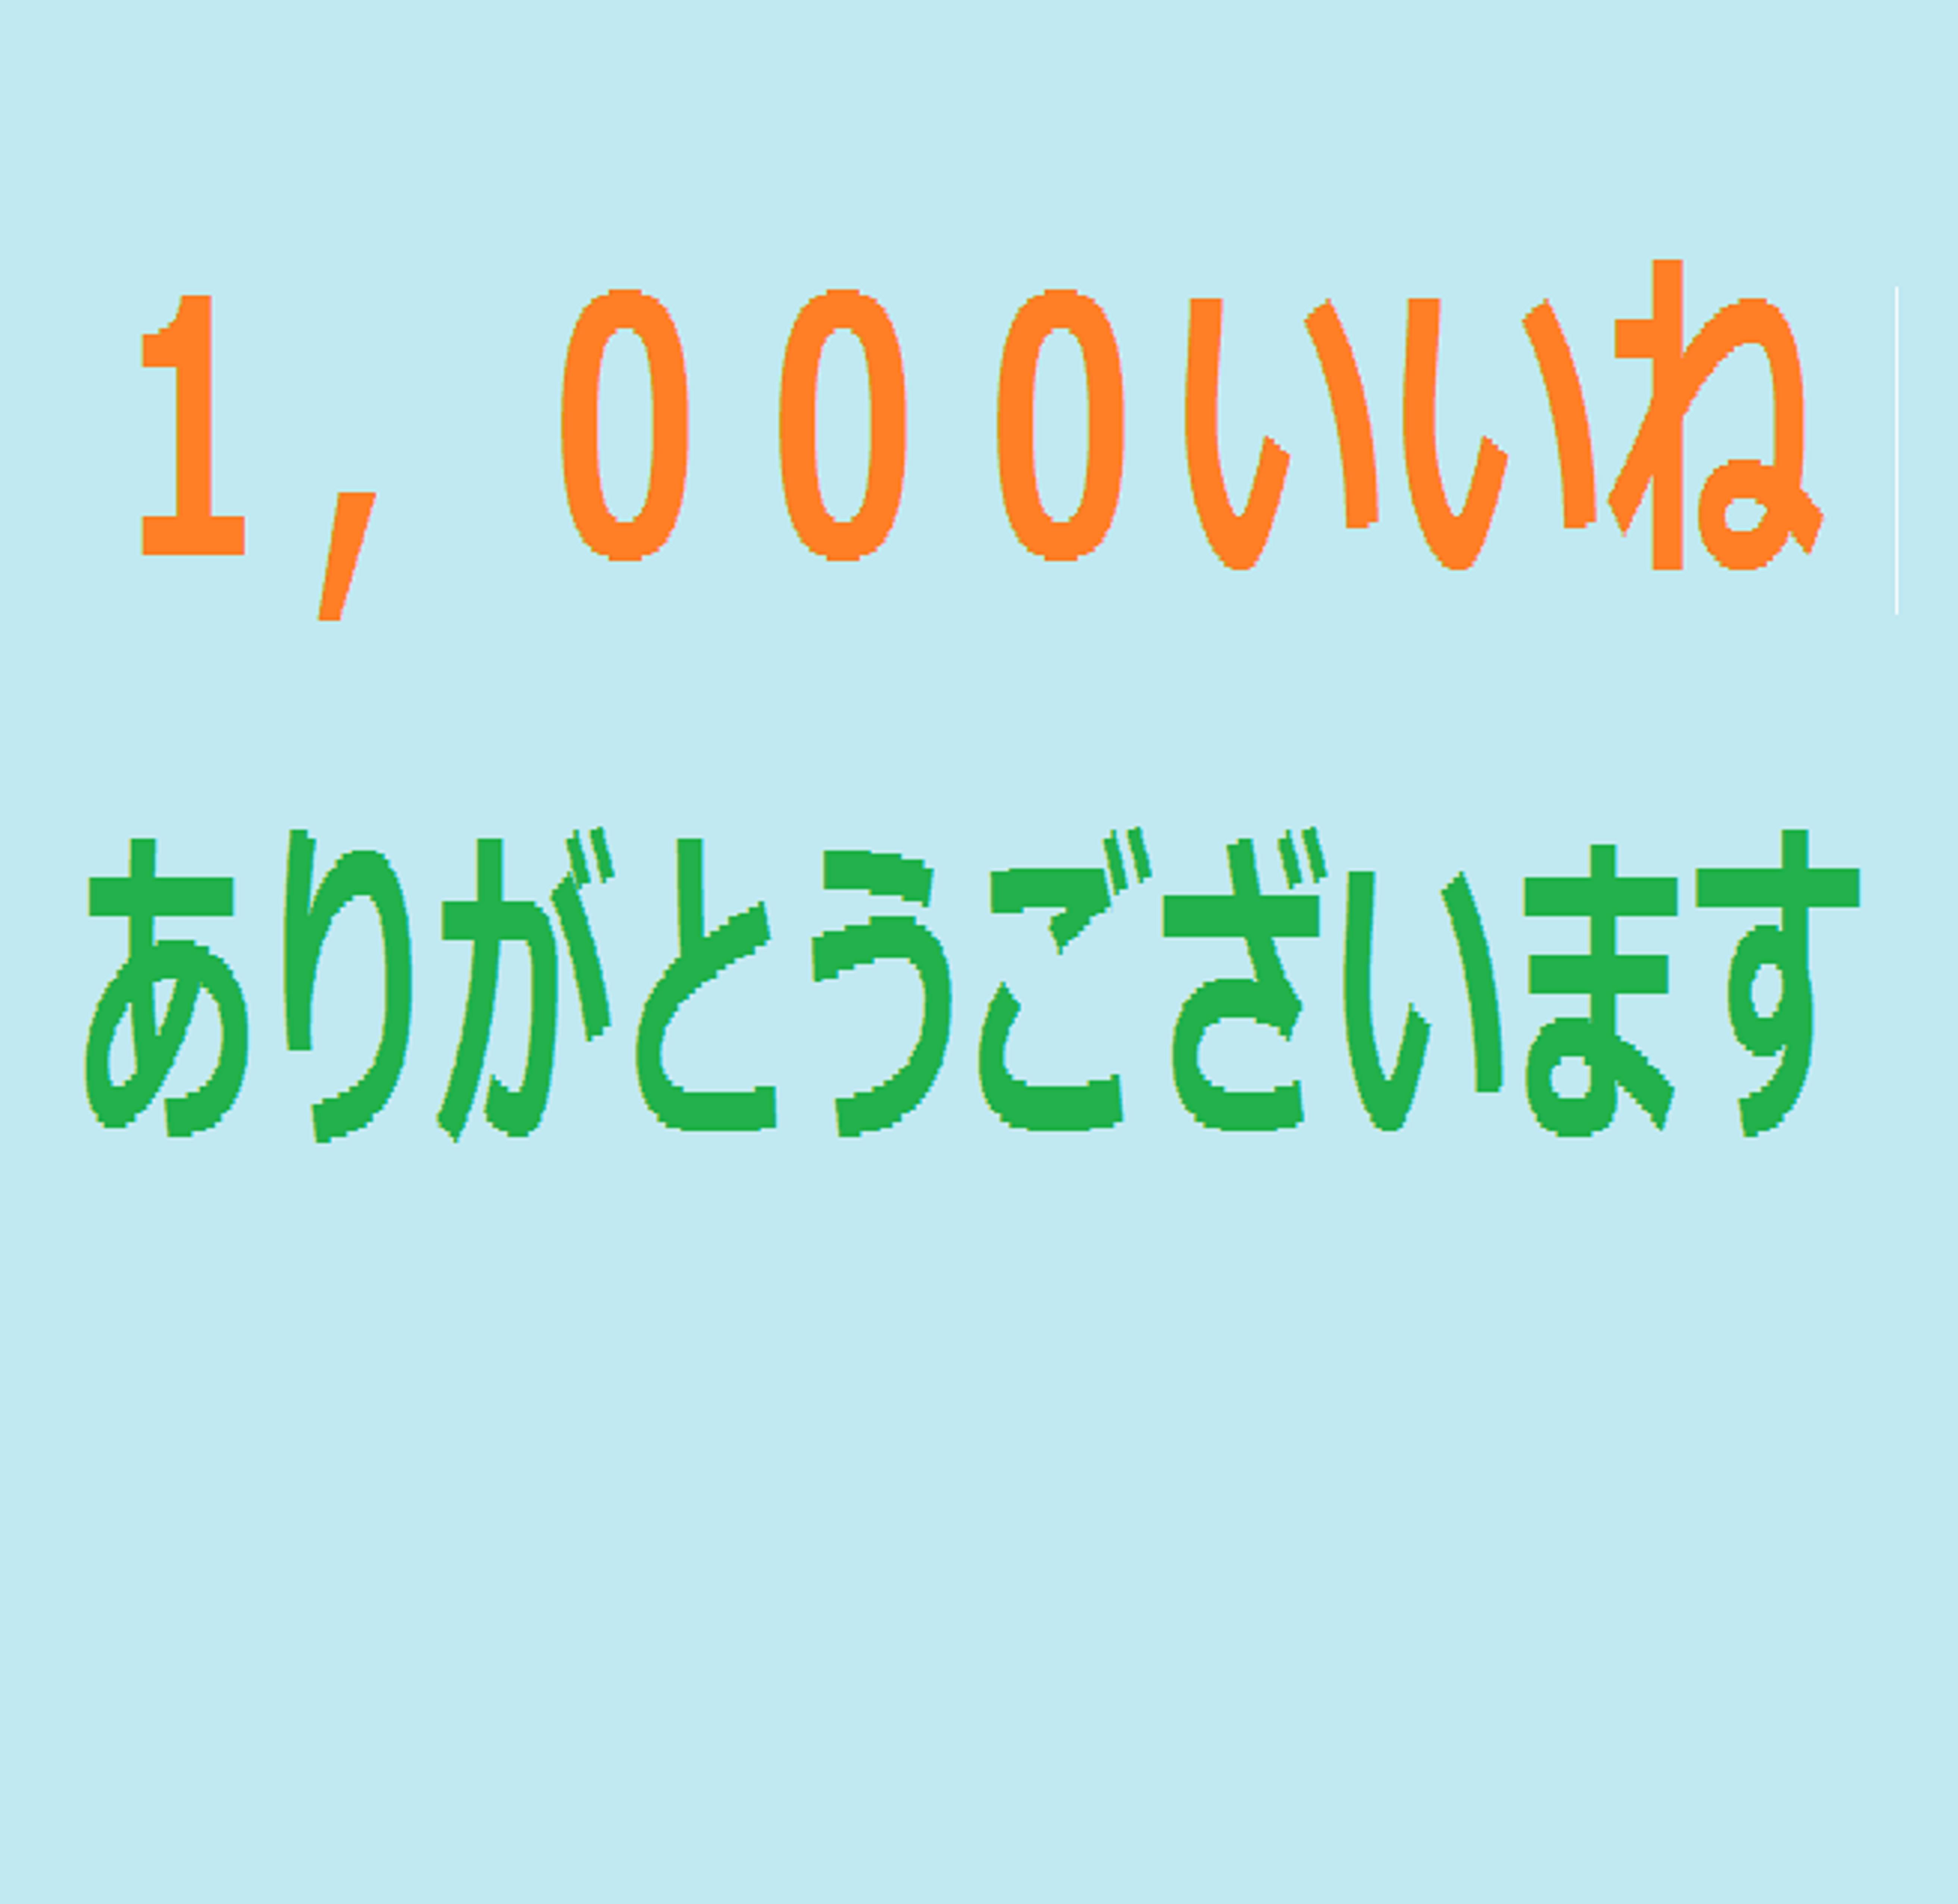 1000いいねありがとうございます